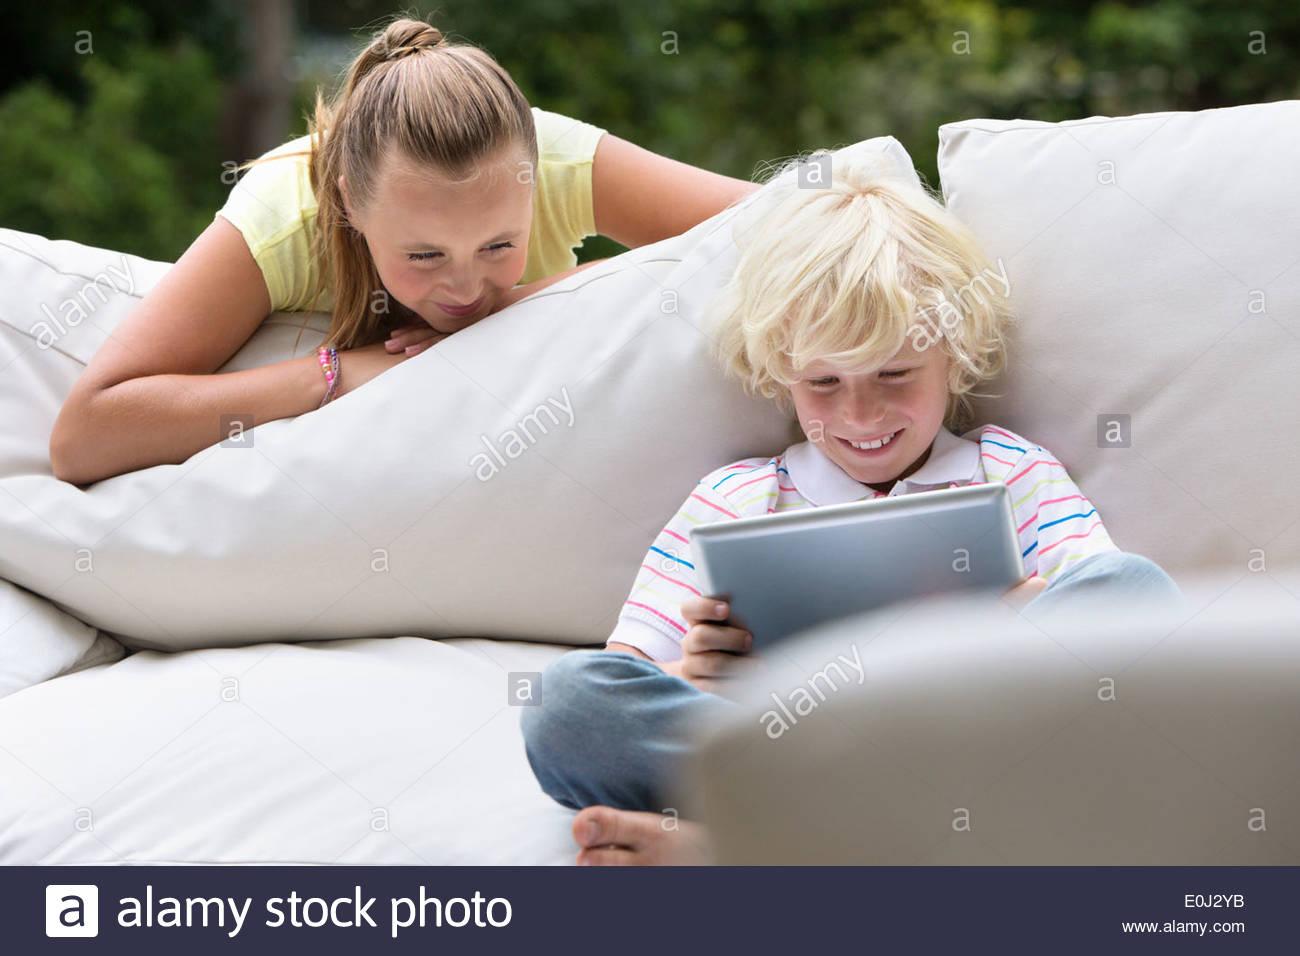 Suor guardando il fratello con tavoletta digitale sul divano per esterni Immagini Stock